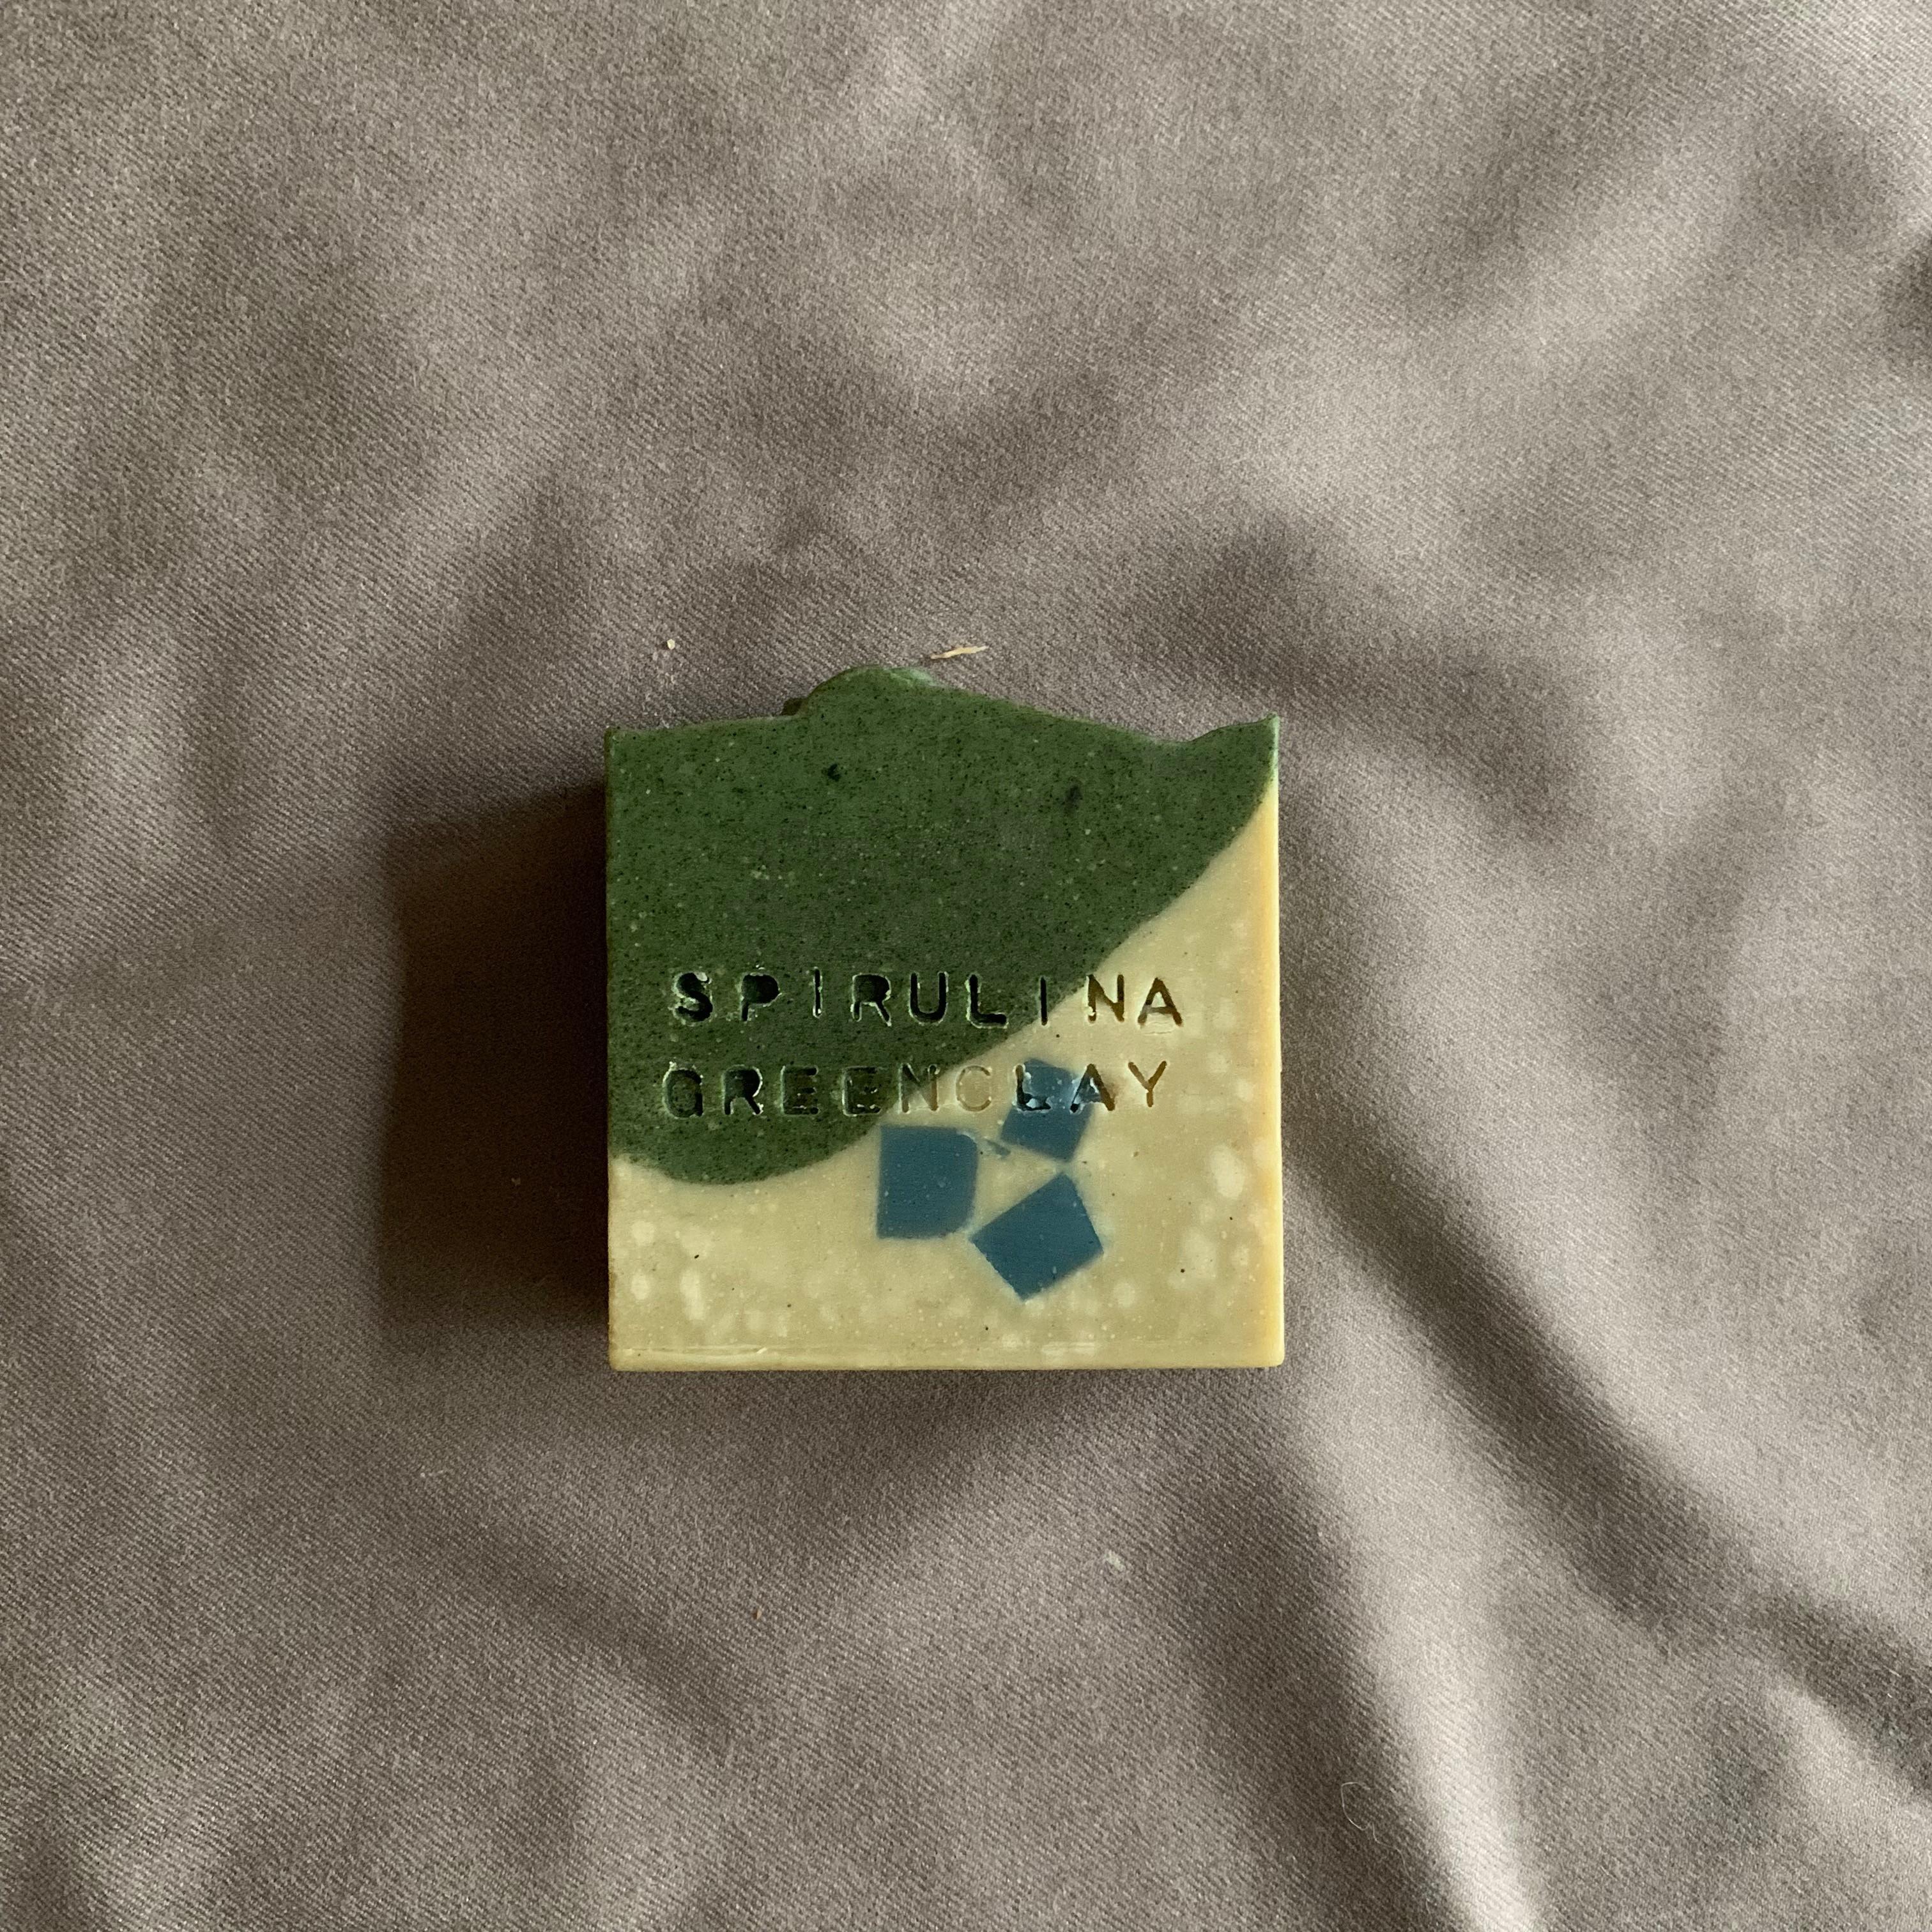 Spirulina&GreenClay Soap 螺旋藻綠石泥皂